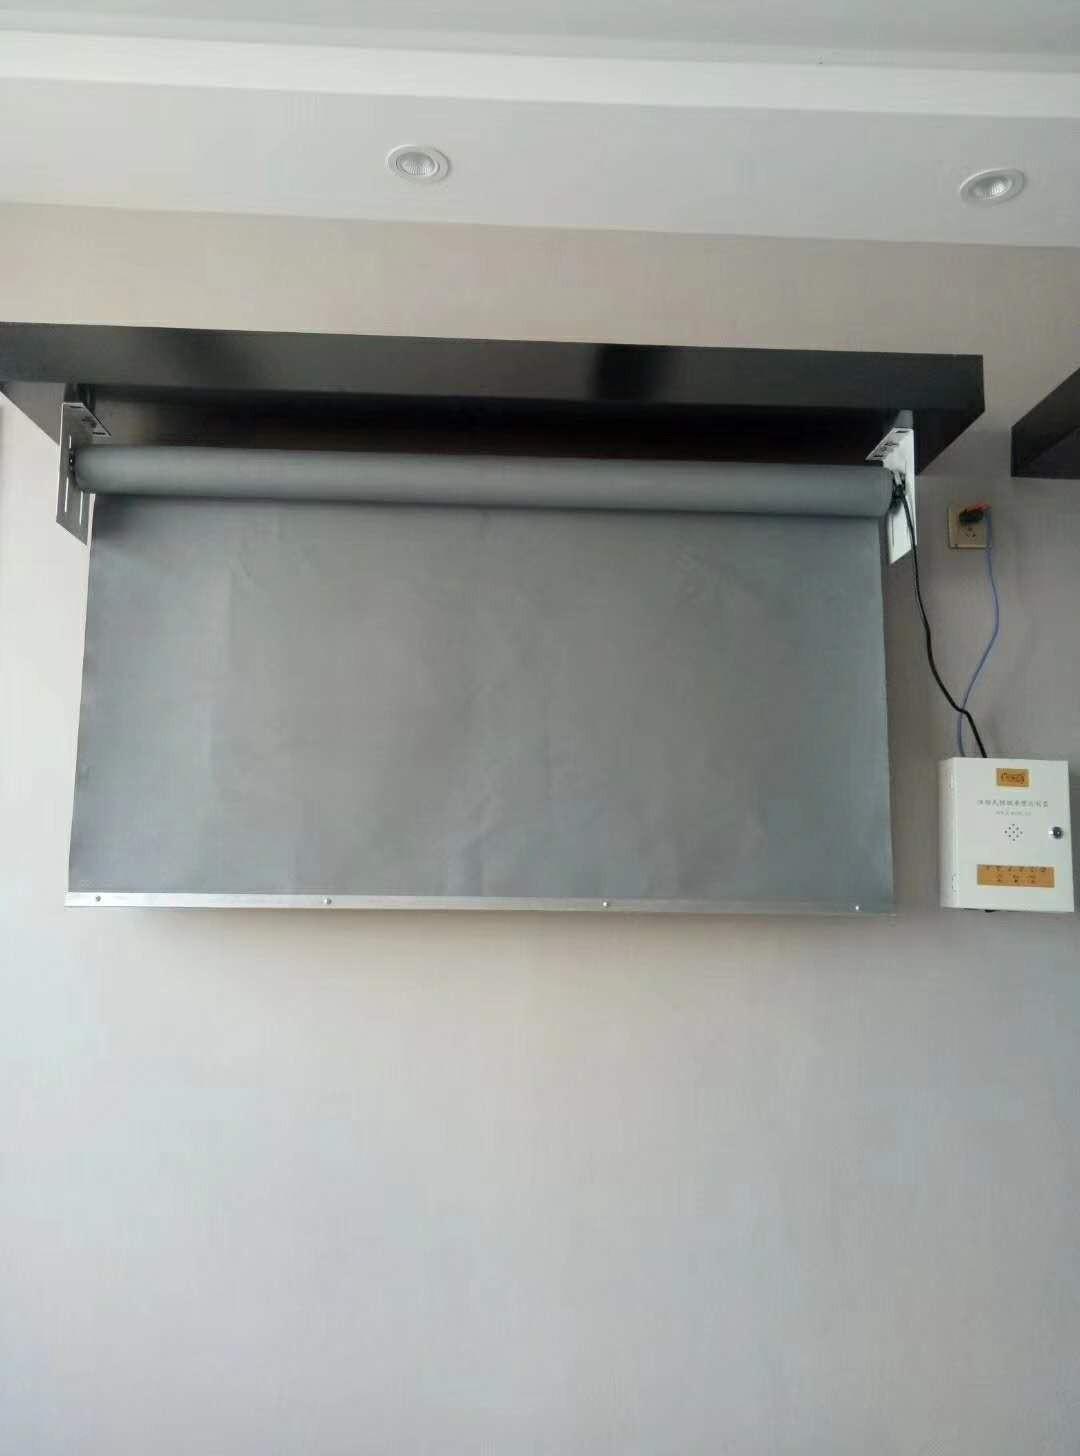 固定挡烟垂壁的结构和工作方法